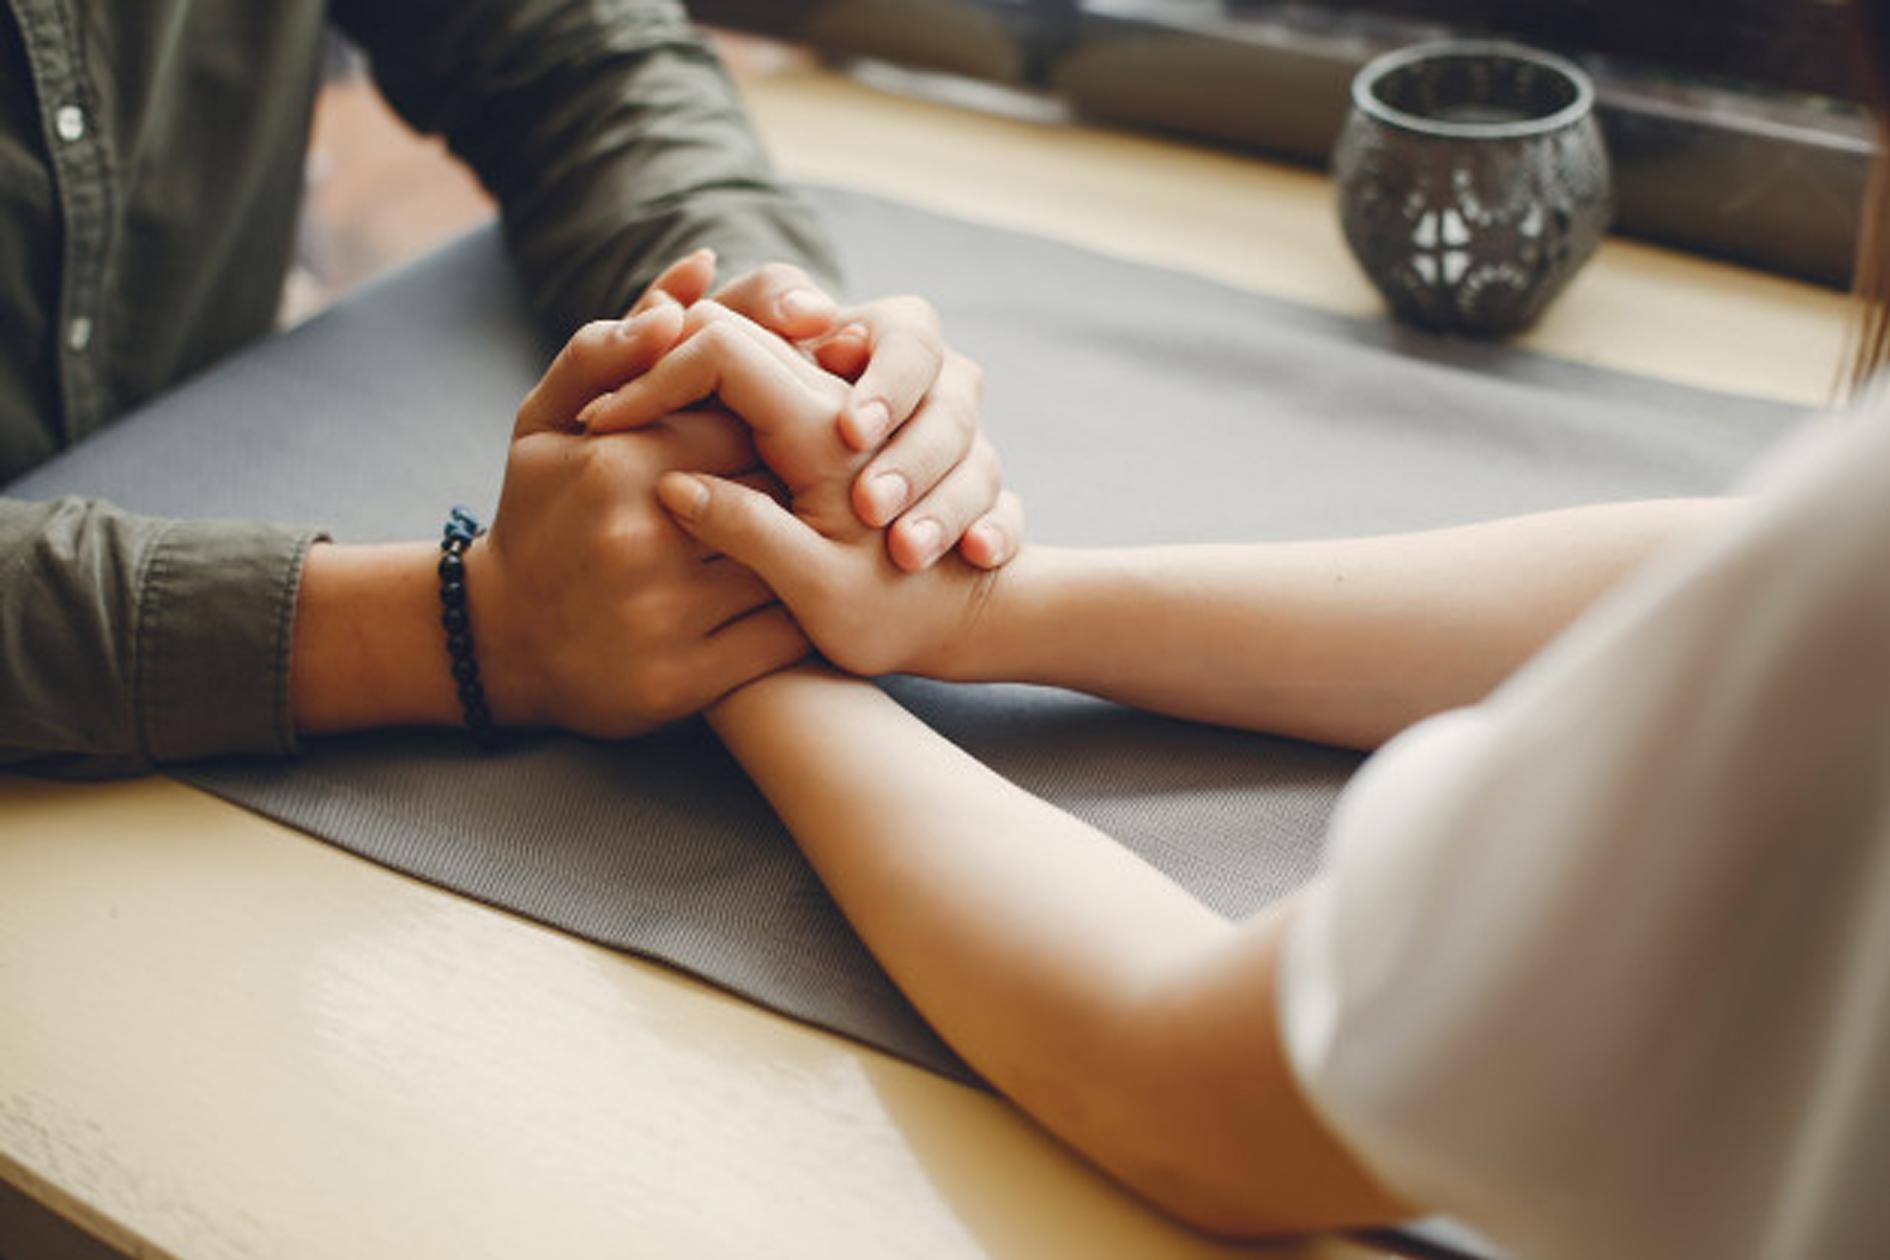 روابط سالم زوجین - کد دوره : 91301850